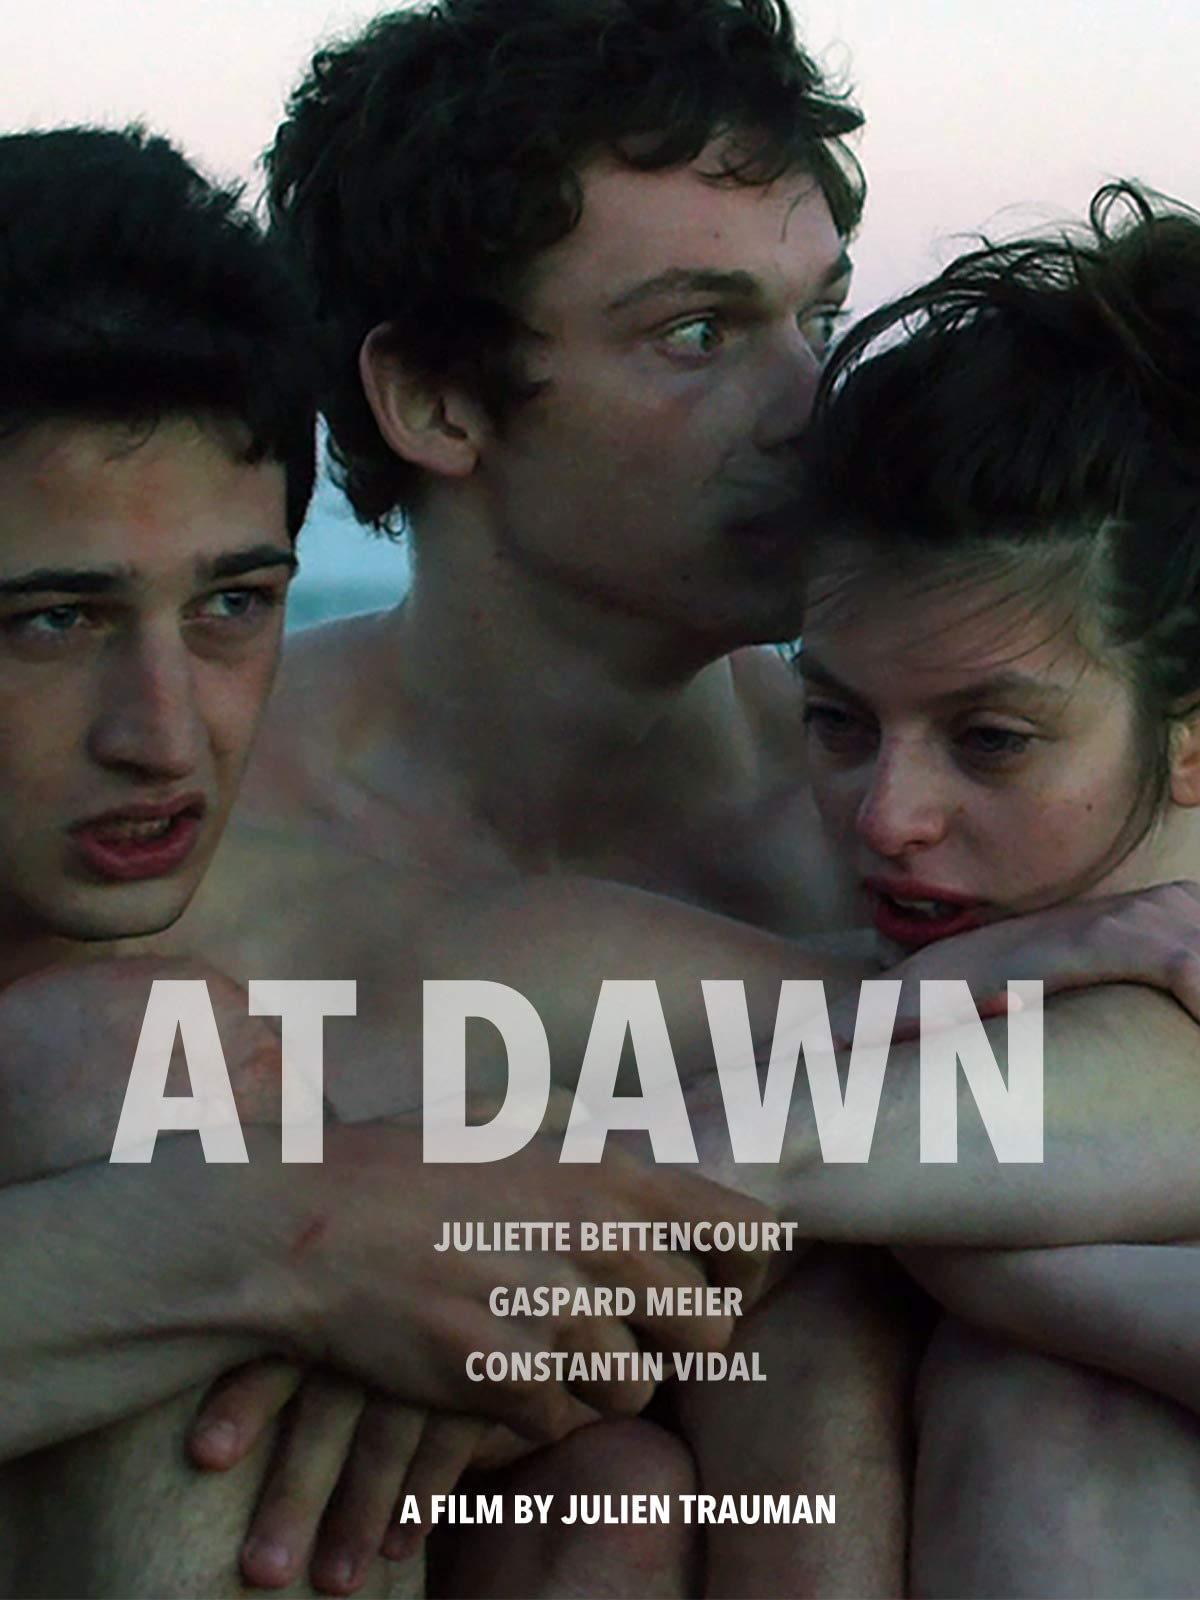 At dawn - Julien Trauman